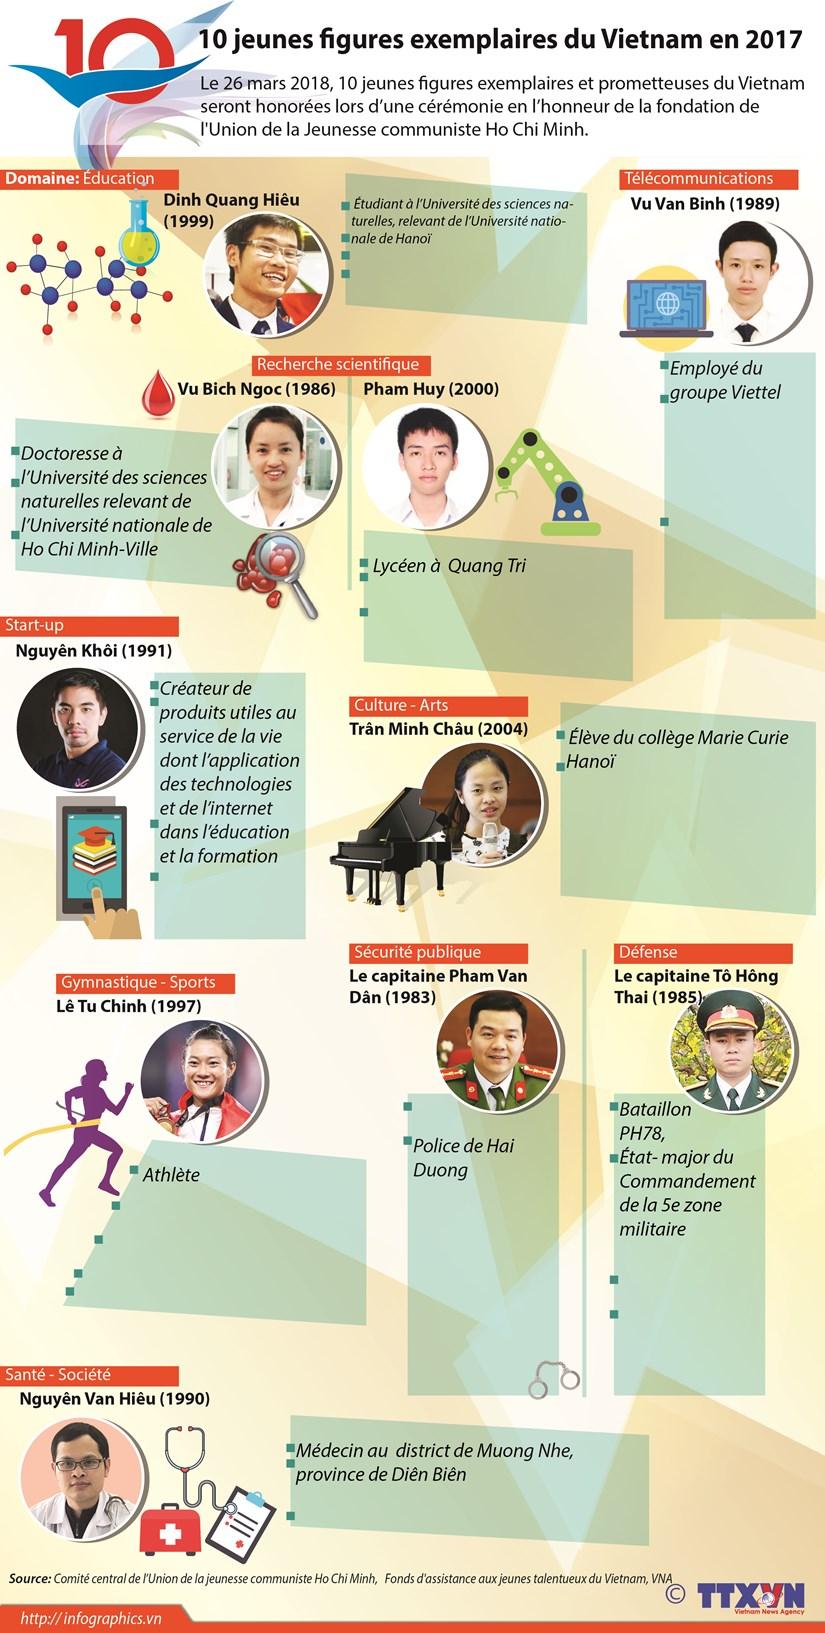 Dix jeunes figures exemplaires du Vietnam en 2017 hinh anh 1